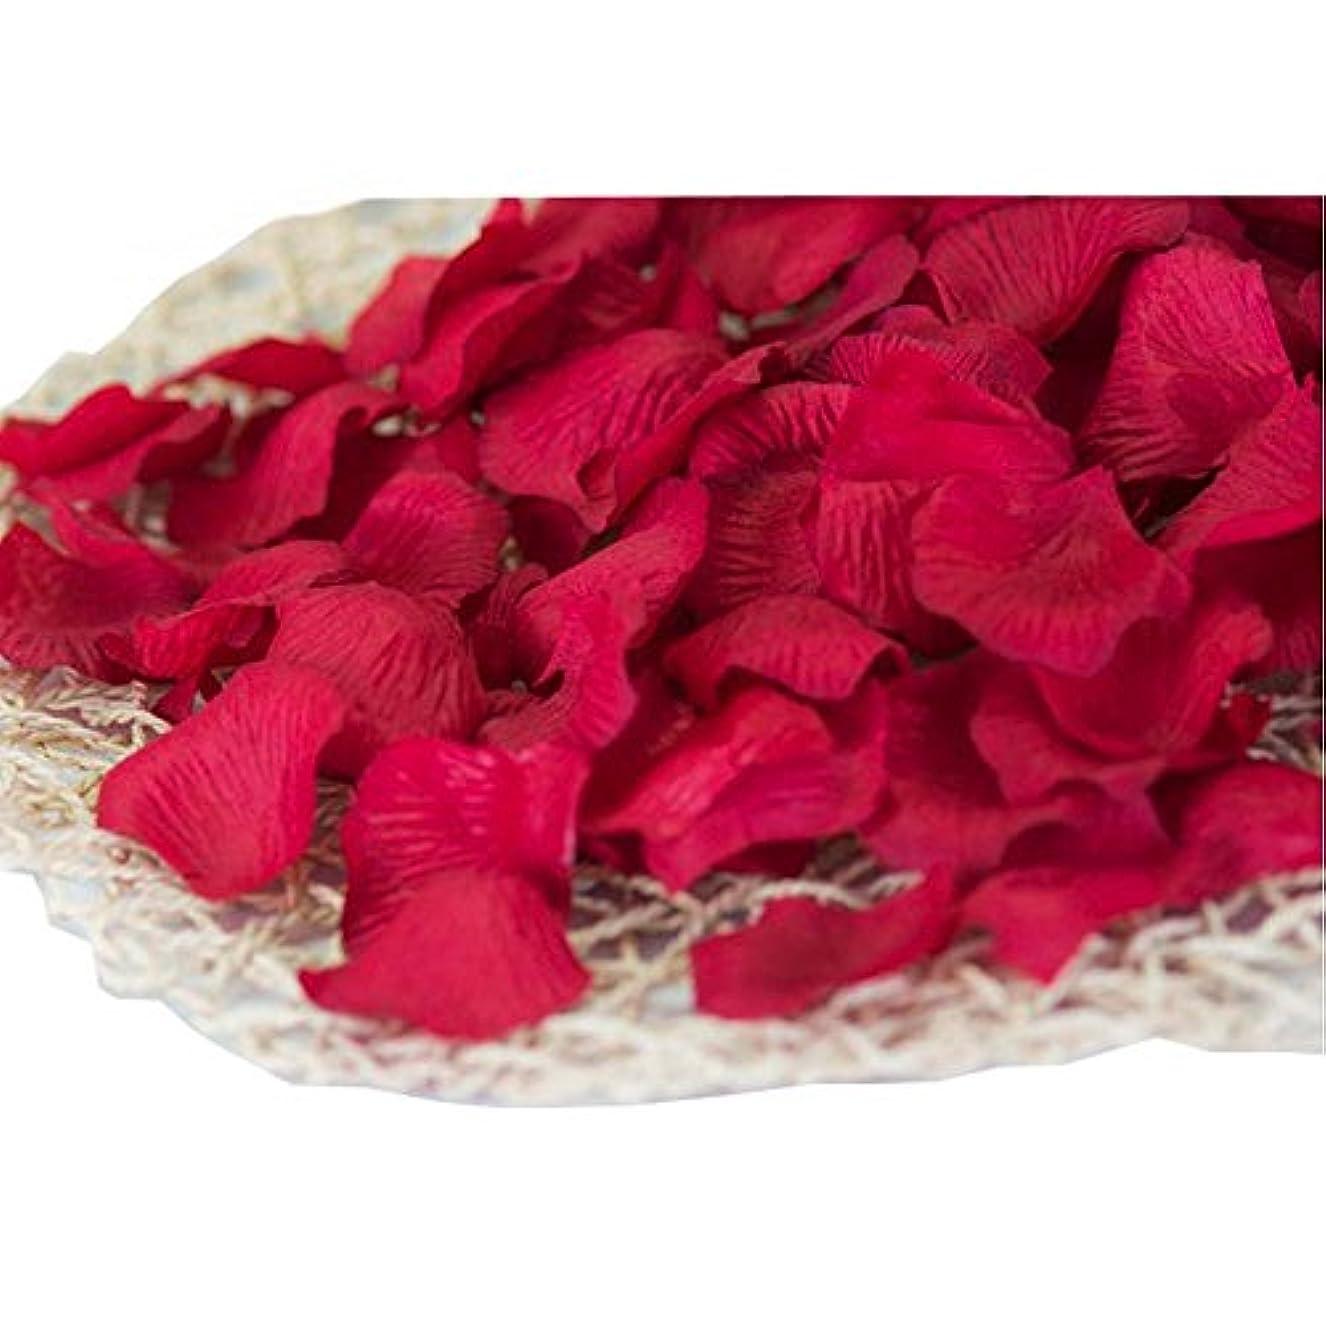 ハンバーガーブラケット苦行840の結婚式のための暗赤色の人工ローズフラワーの花びら